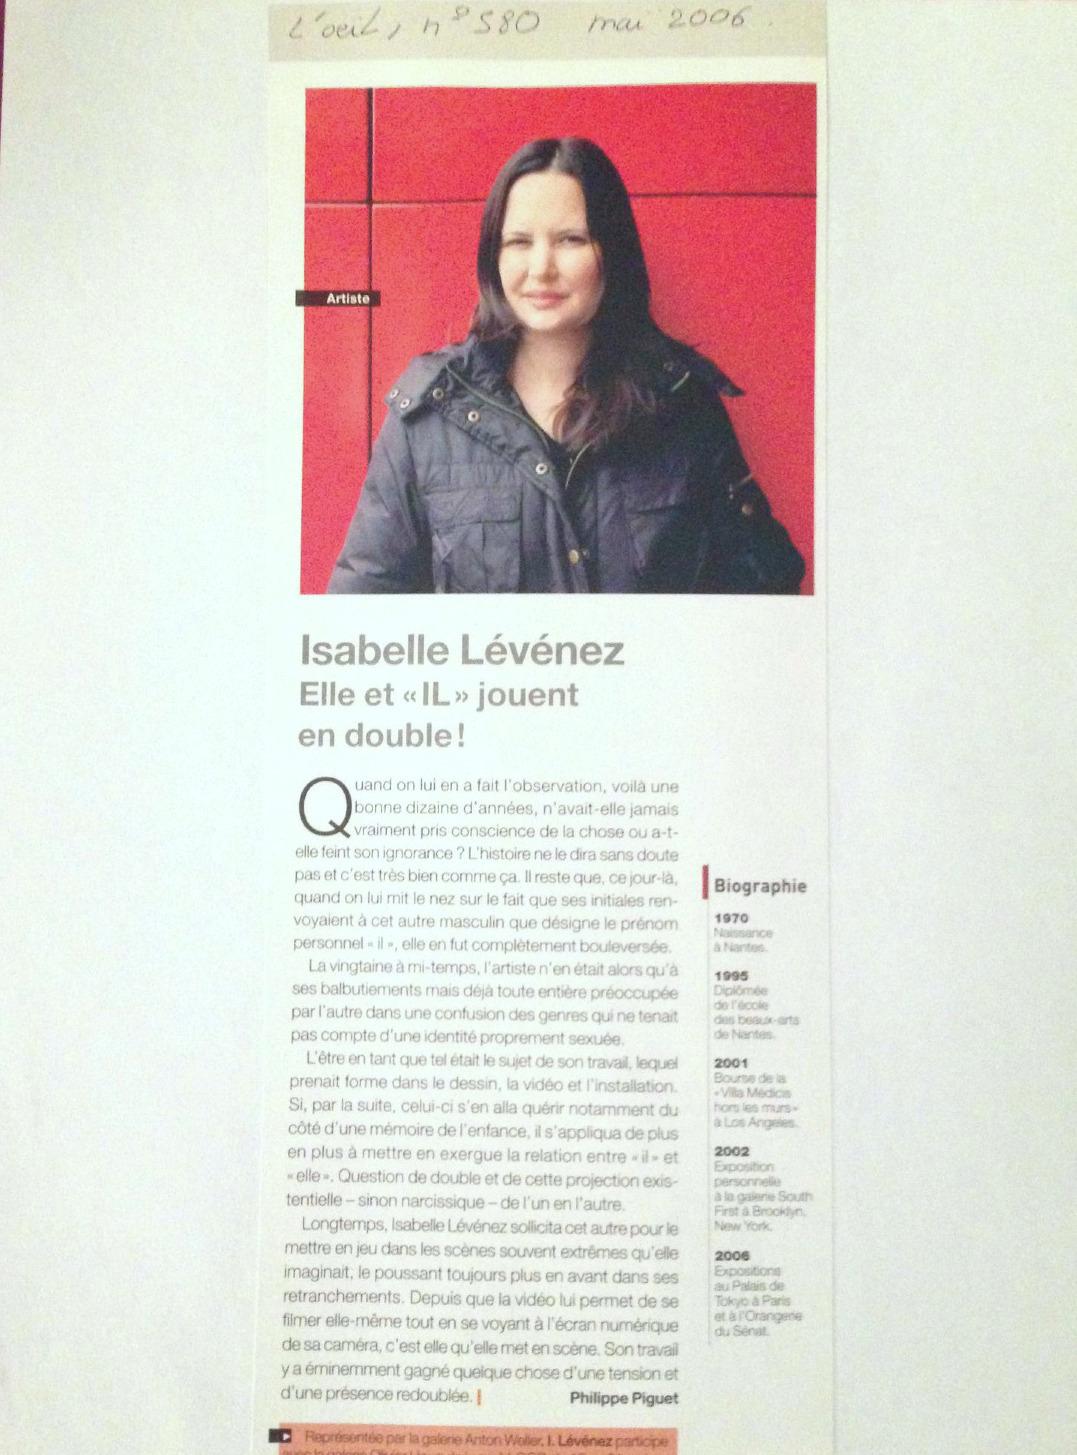 Revue L'Oeil, Portrait 2006